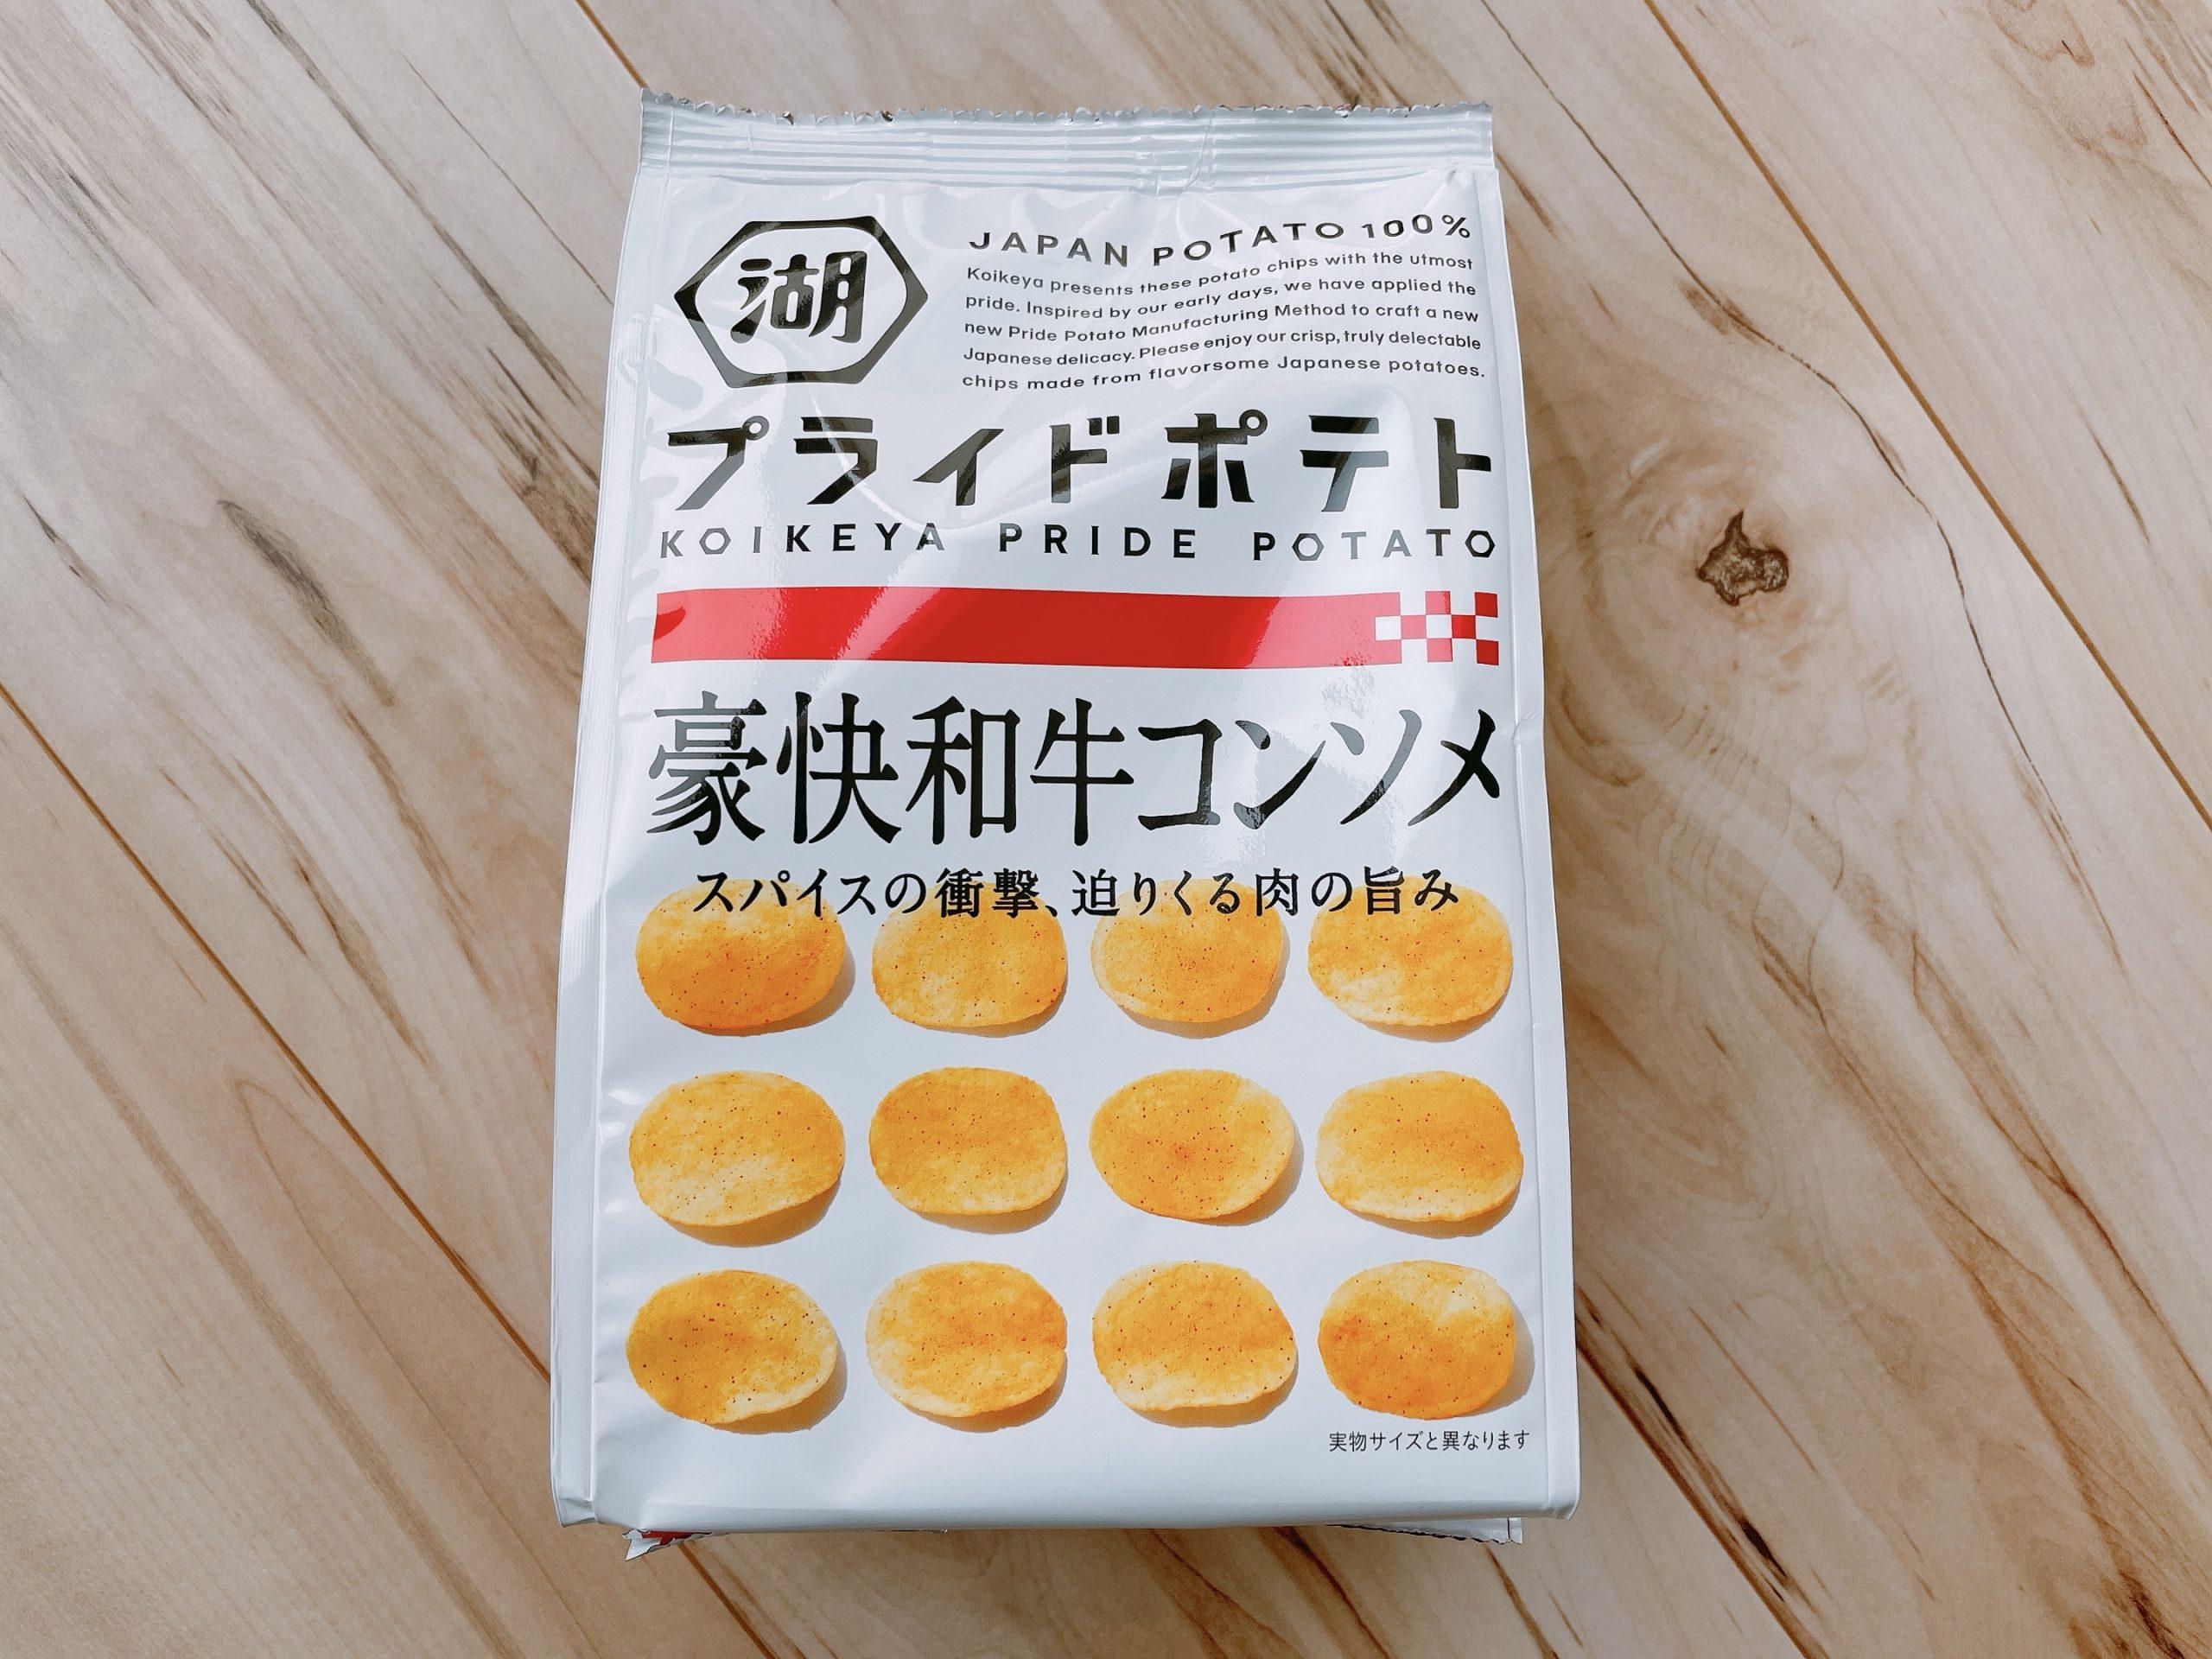 プライドポテト<豪快和牛コンソメ>パッケージ